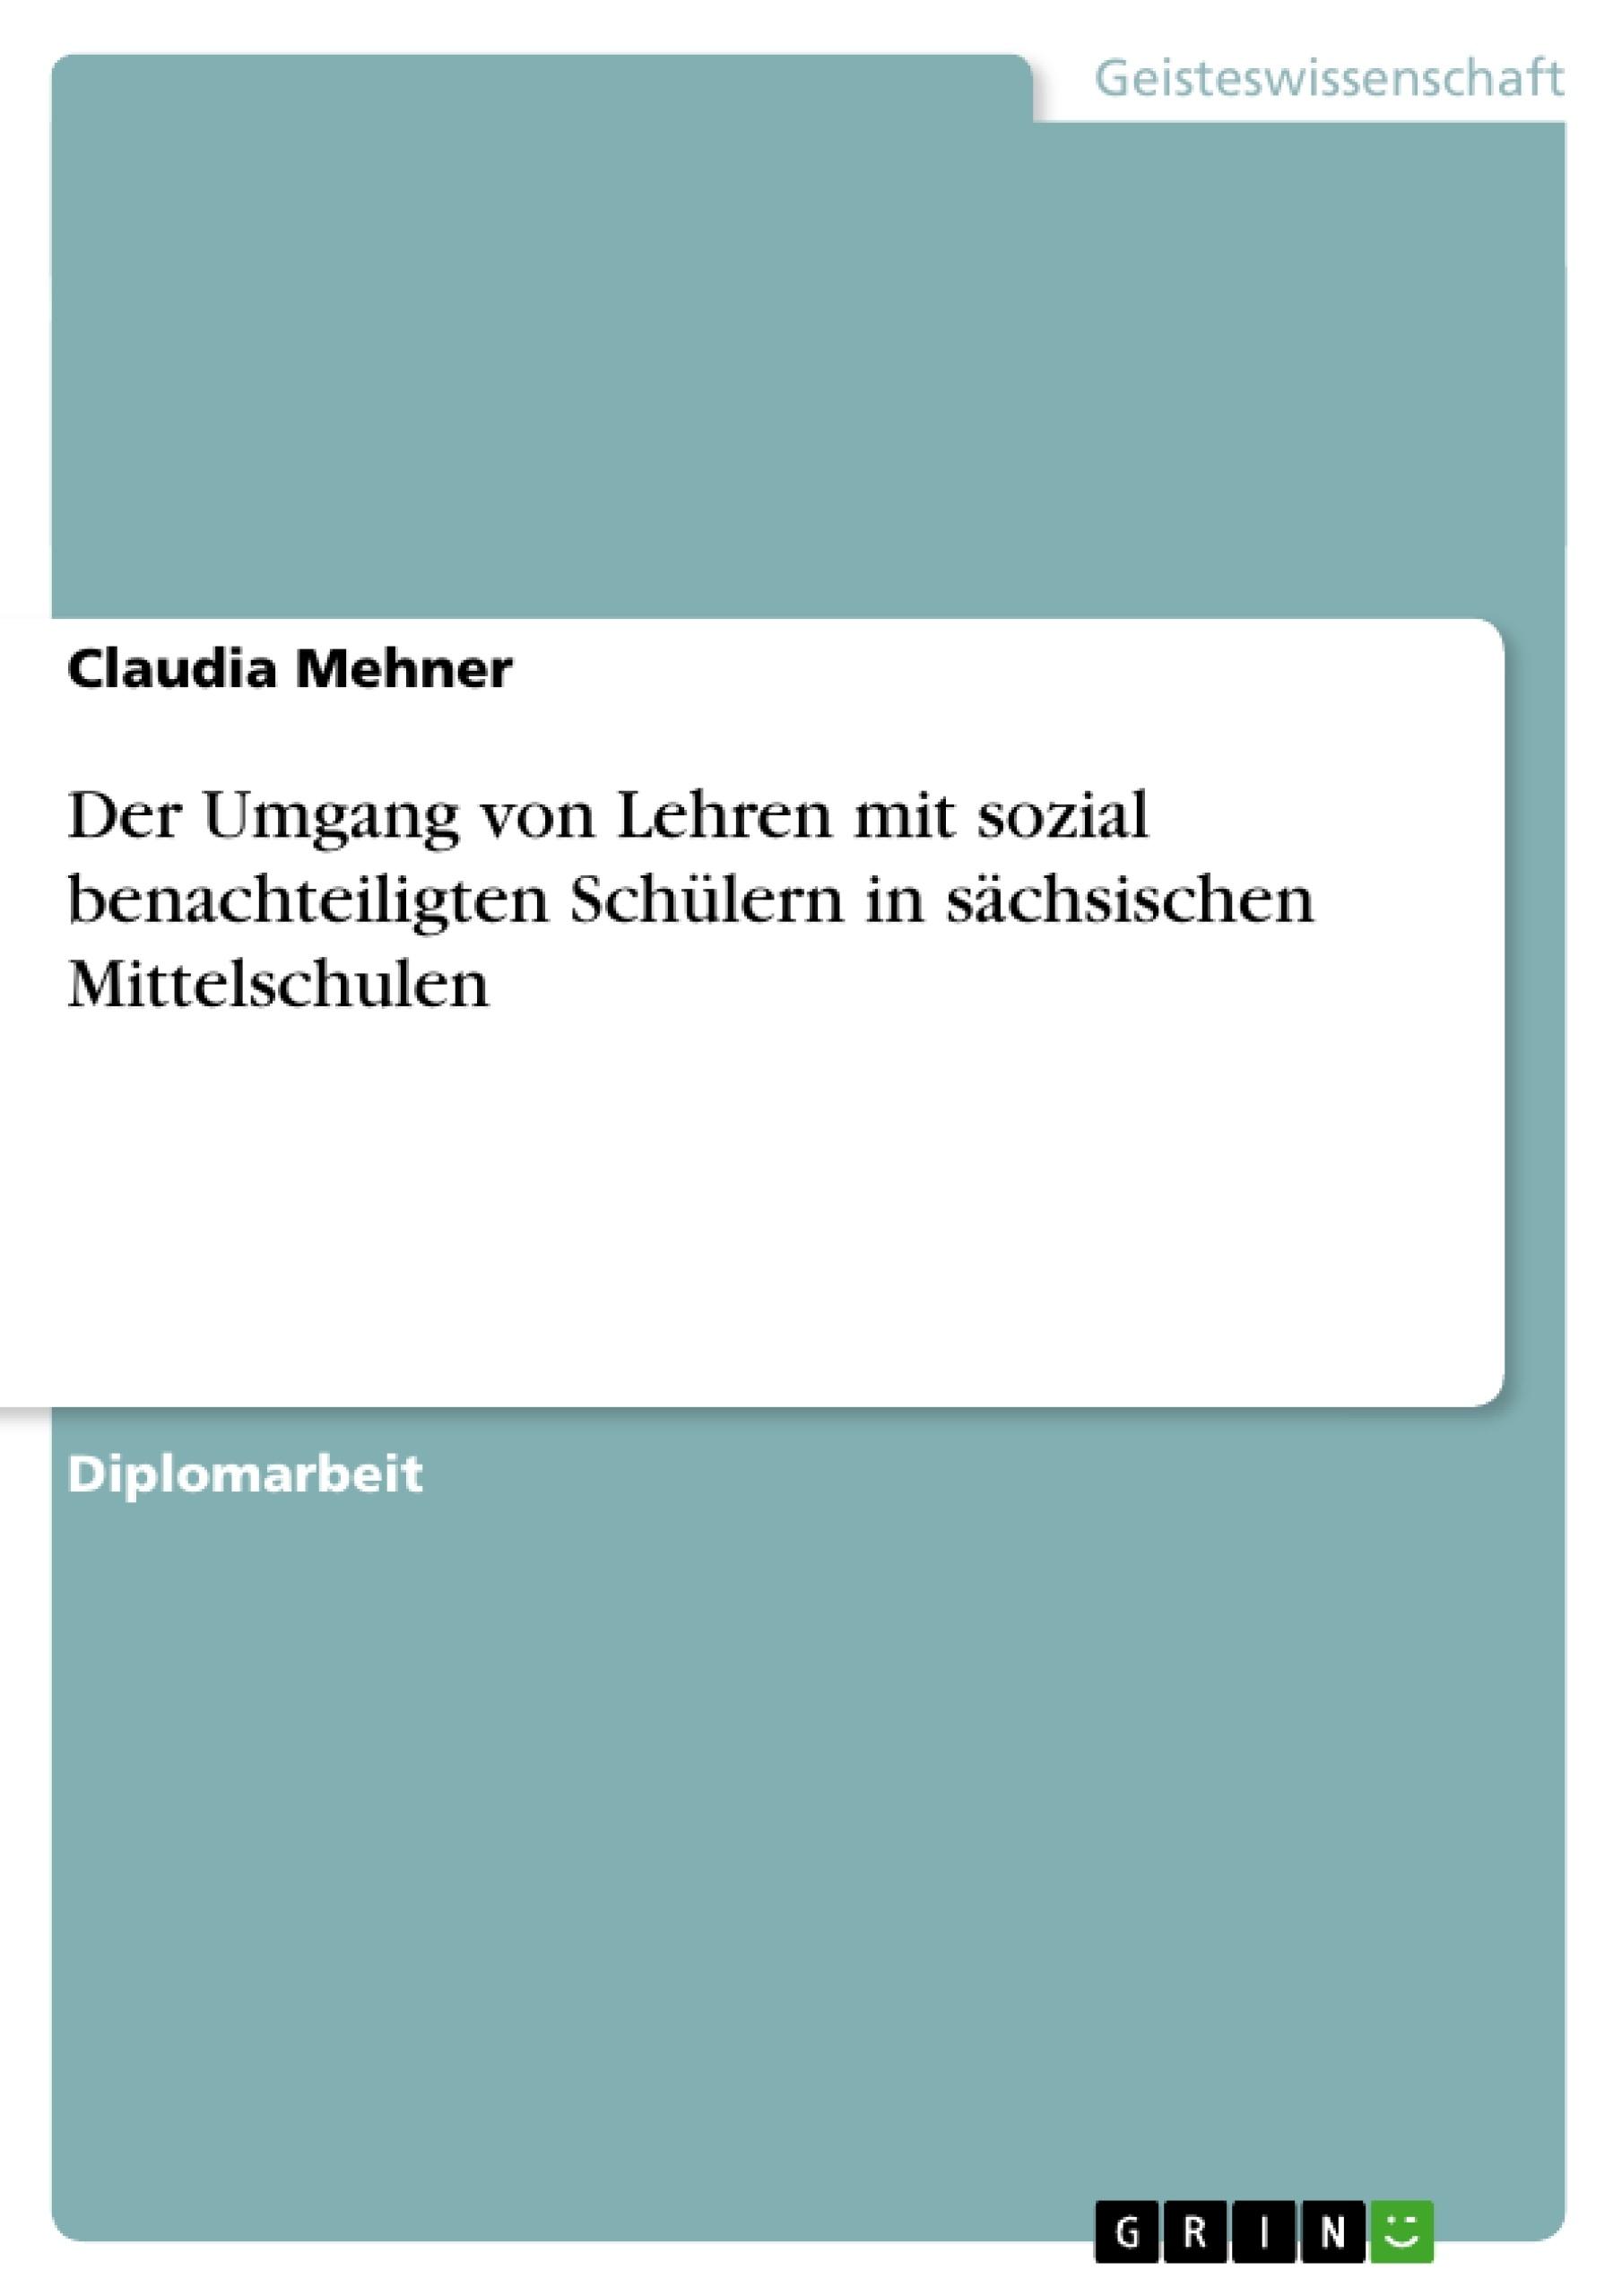 Titel: Der Umgang von Lehren mit sozial benachteiligten Schülern in sächsischen Mittelschulen